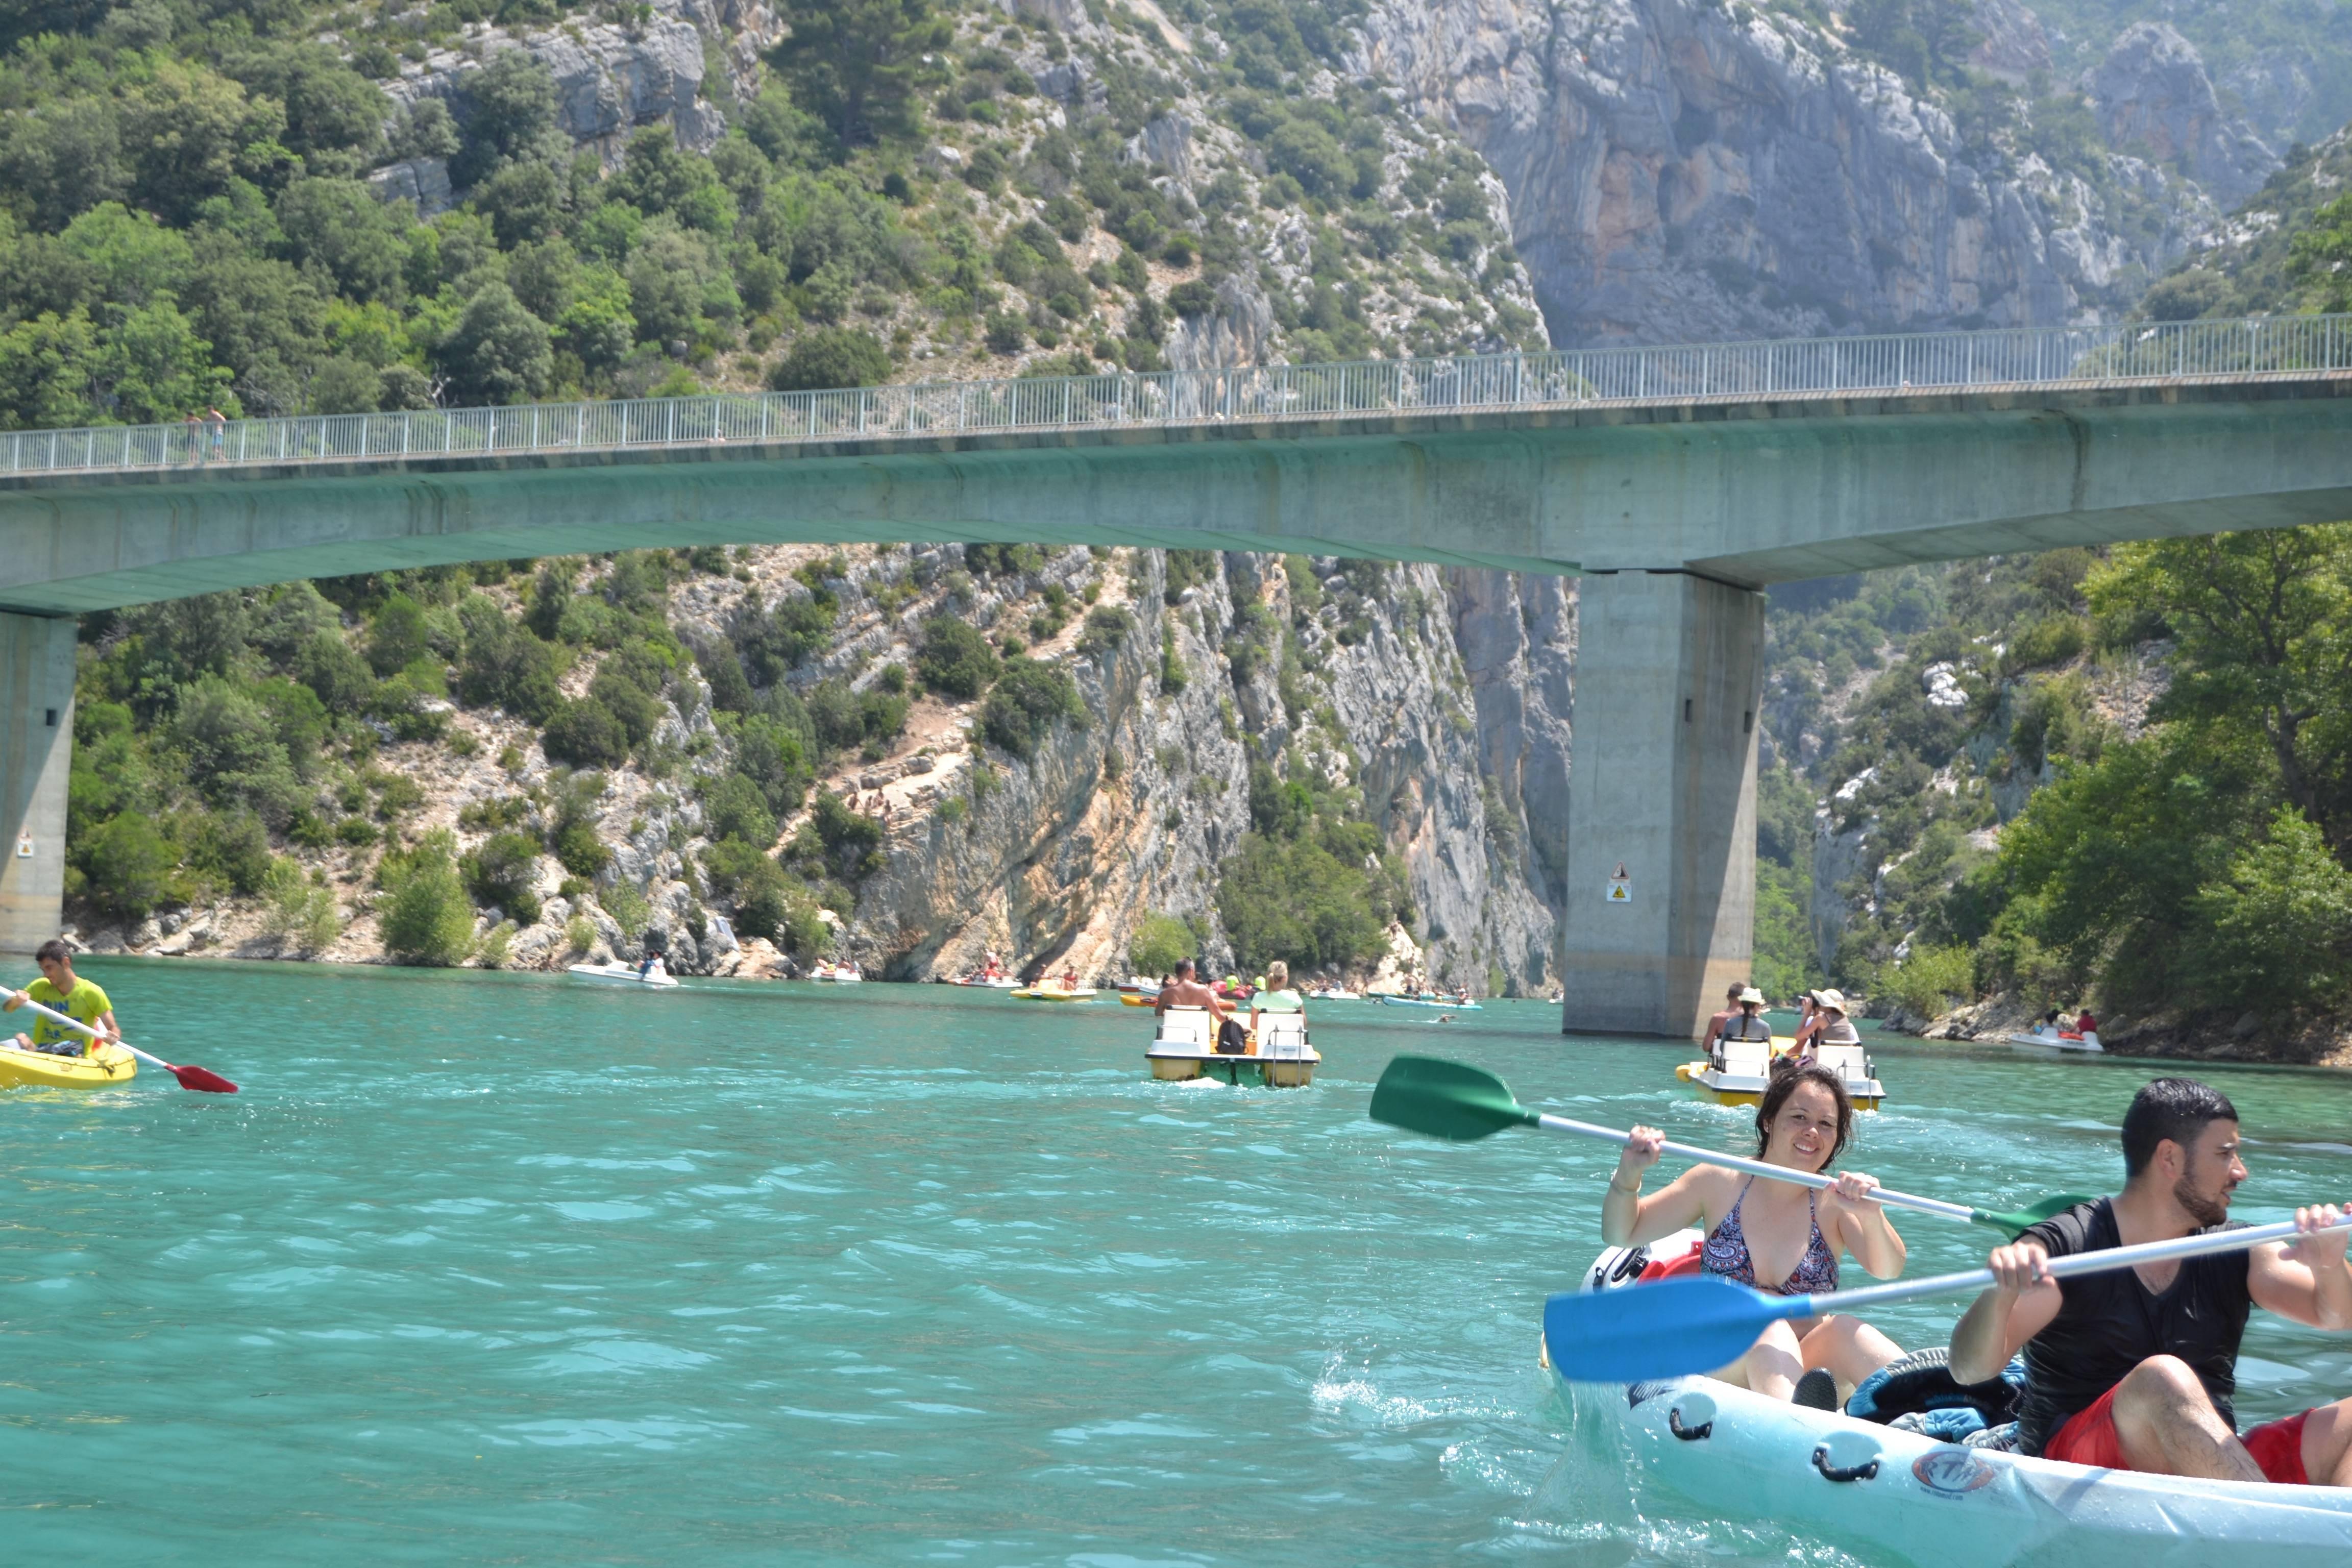 Photo 1: Baignade au lac de sainte croix dans les Gorges du Verdon